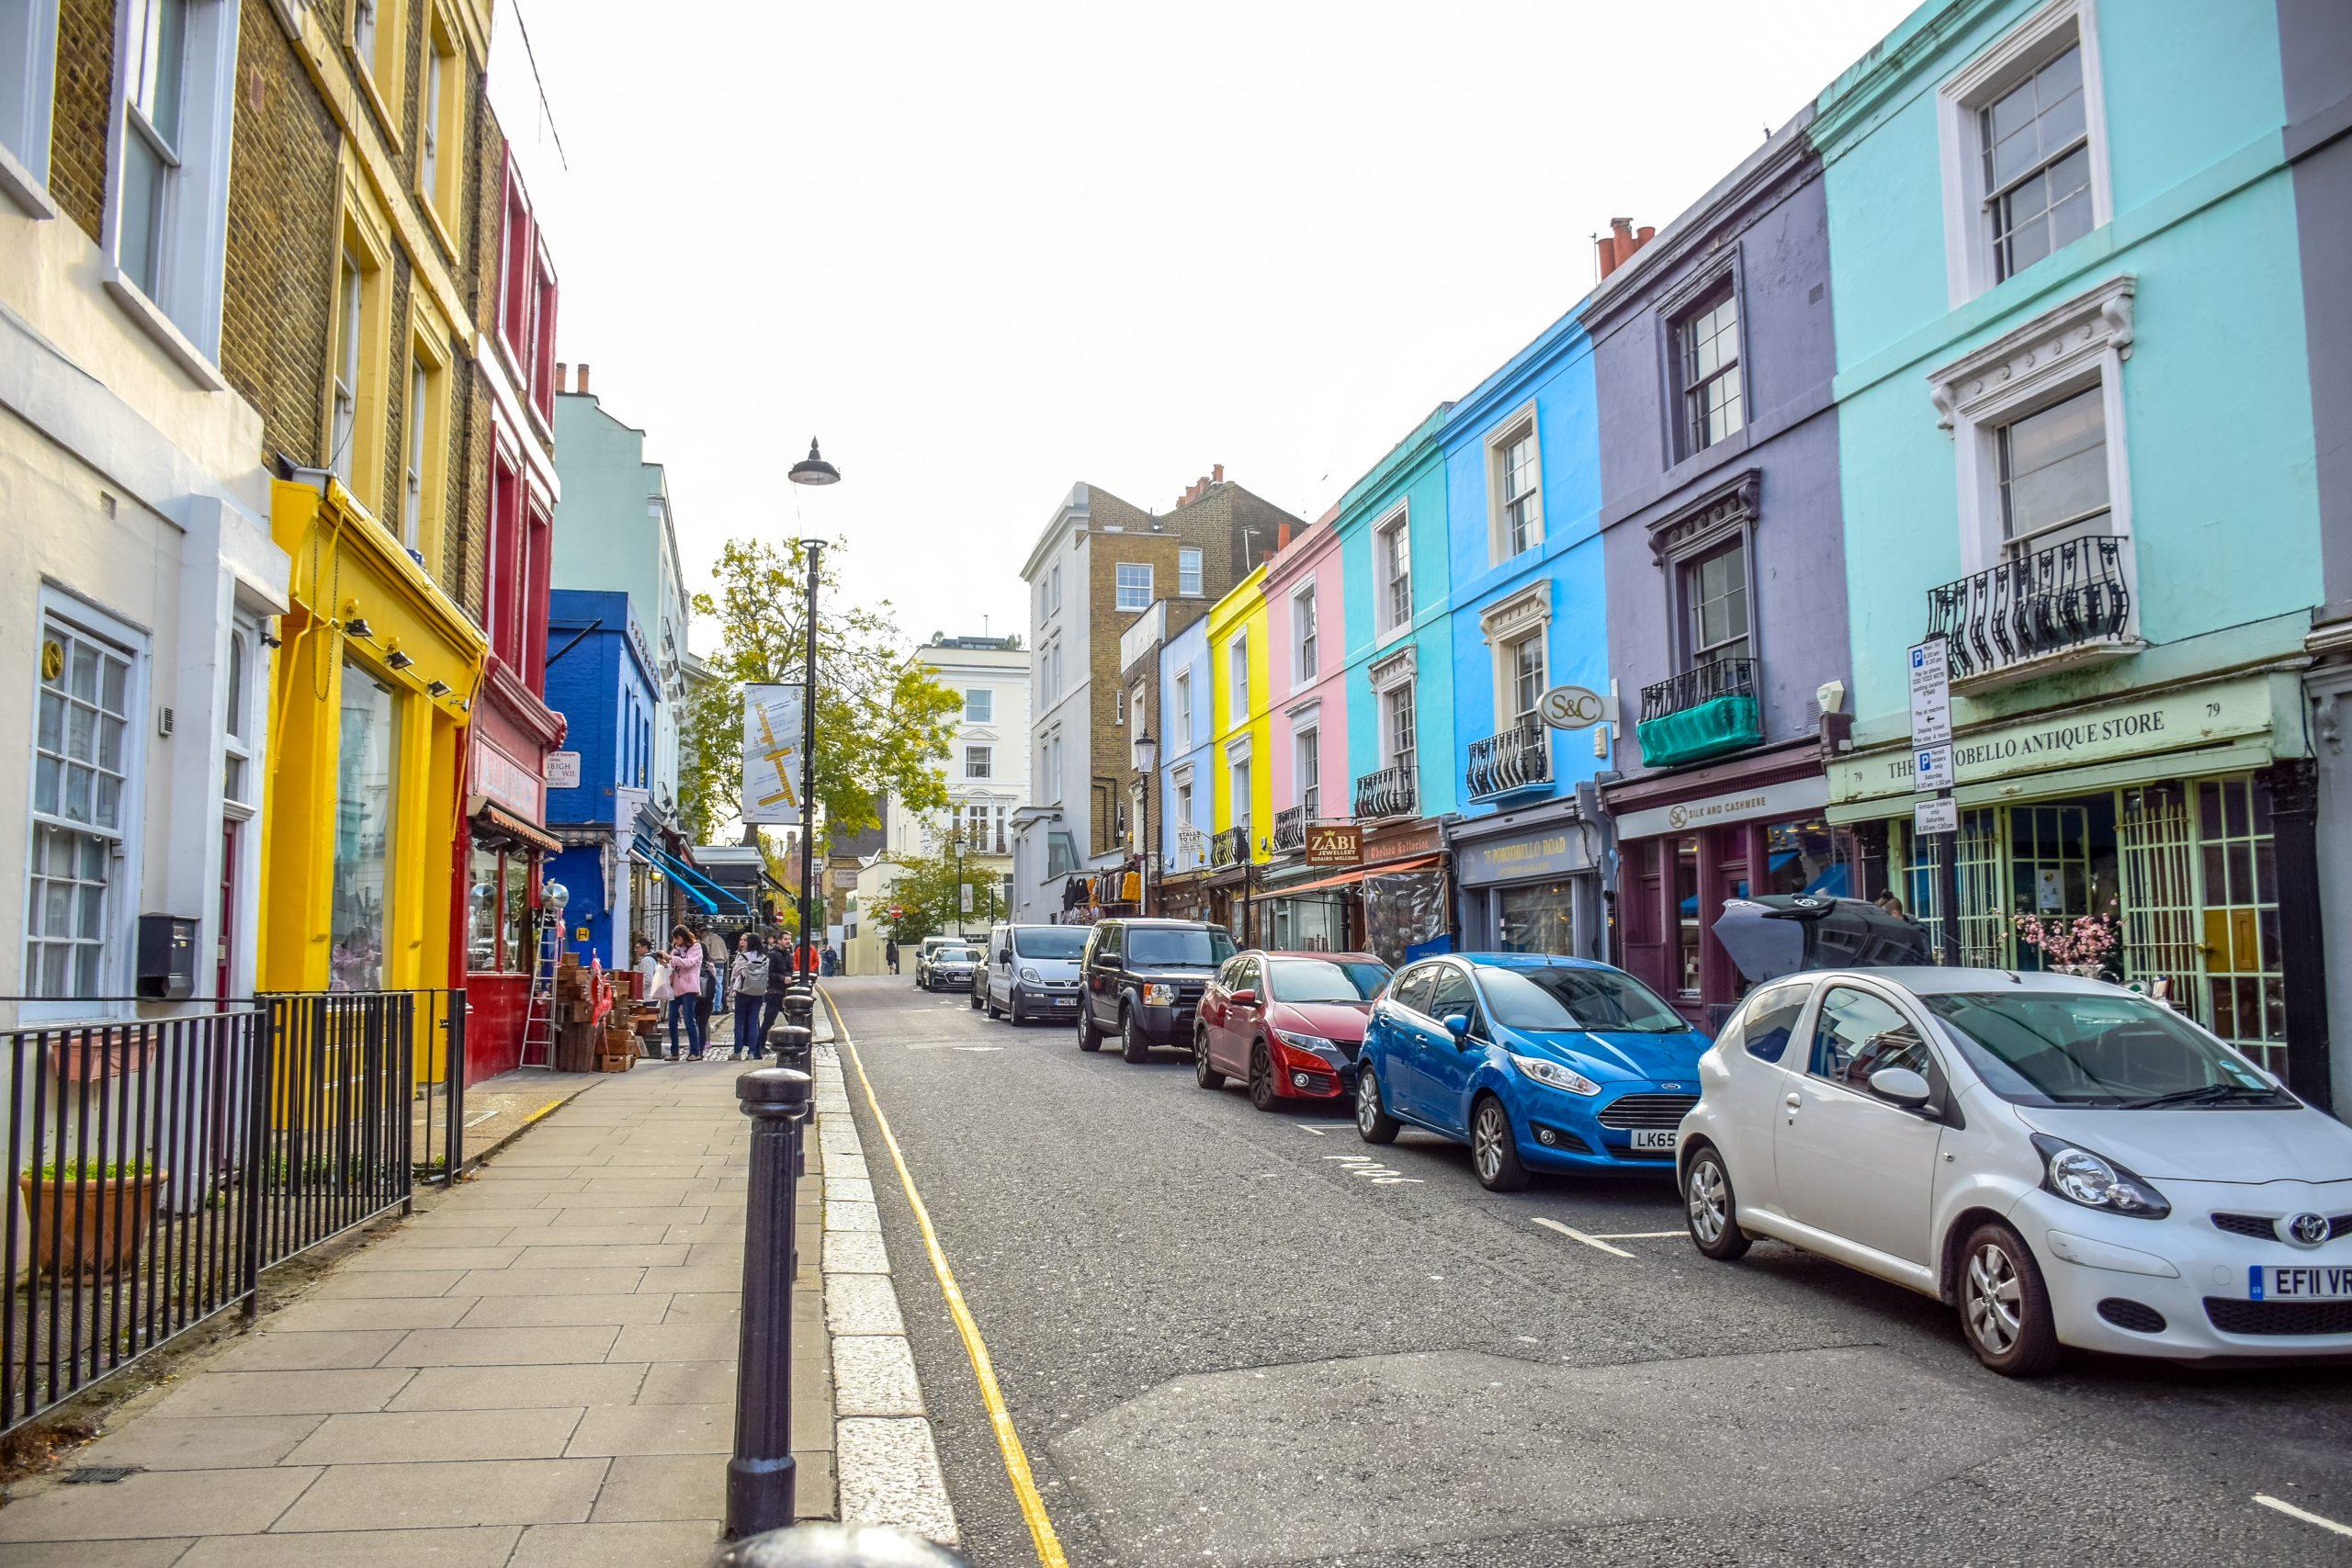 Portobello Road Market London